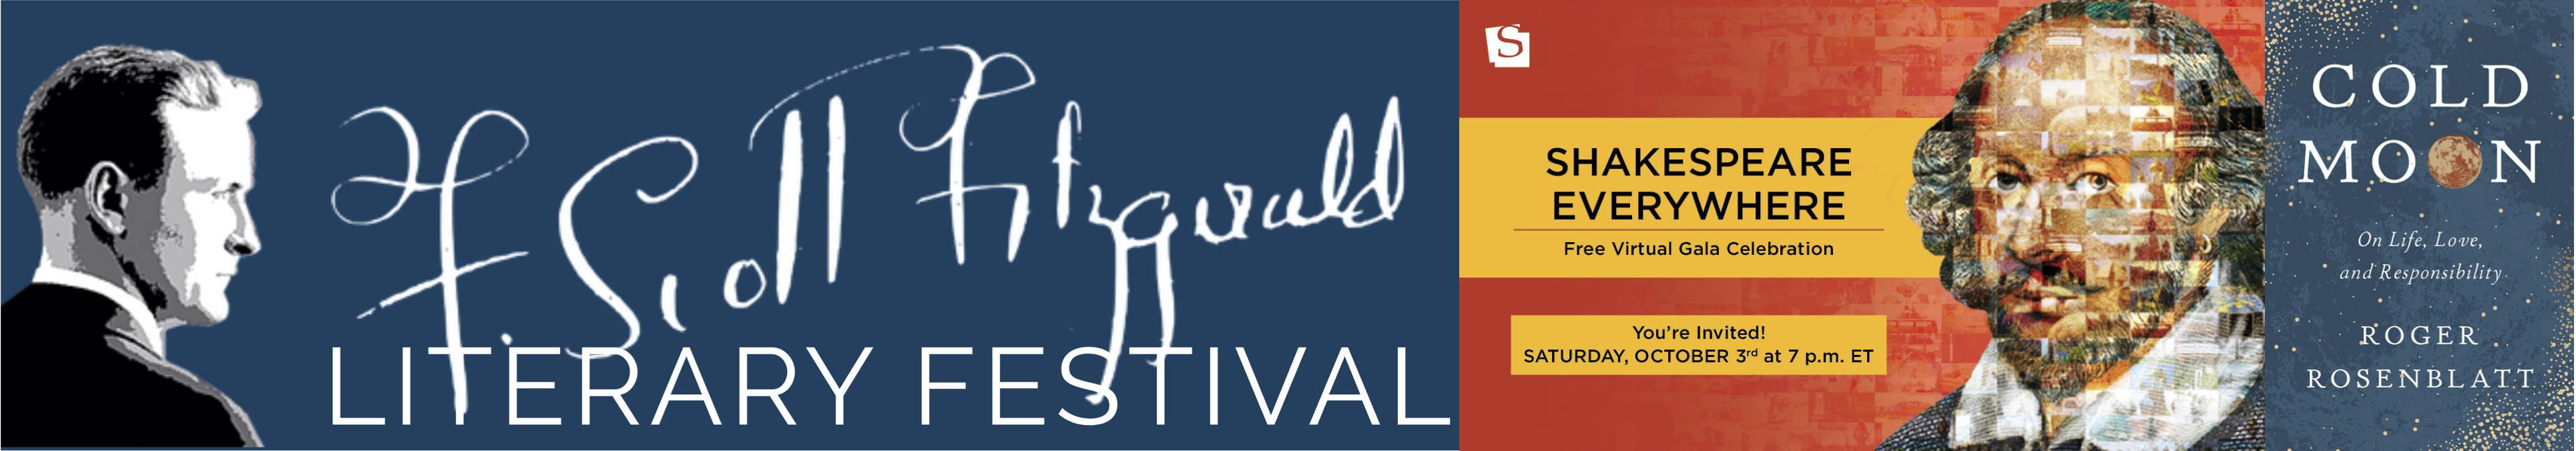 F. Scott Fitzgerald Literary Festival; Shakespeare Theatre Company; Turtle Point Press